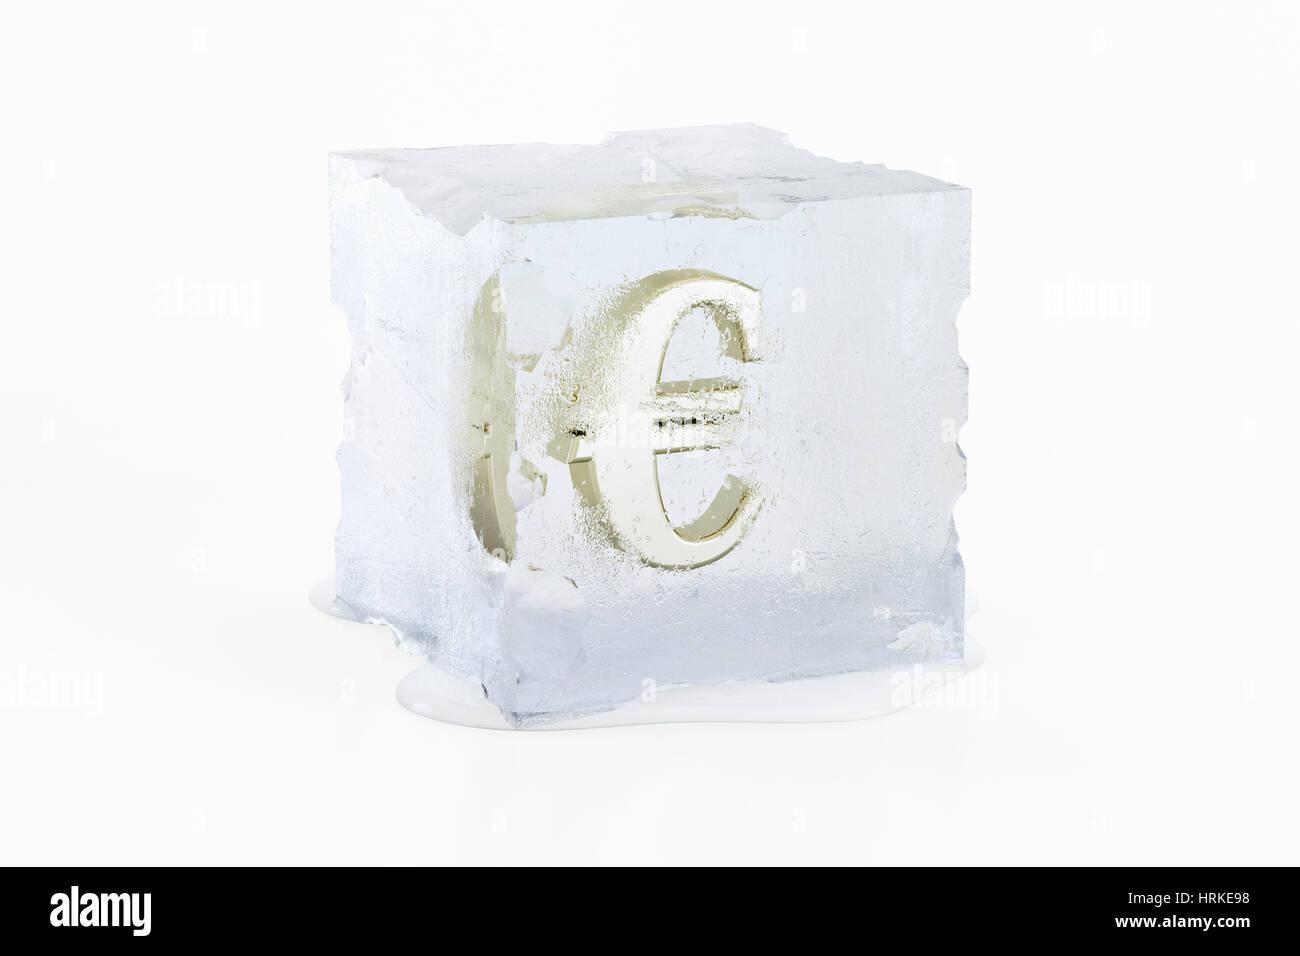 Golden simbolo Euro congelati in una fusione lentamente il cubo di ghiaccio Immagini Stock